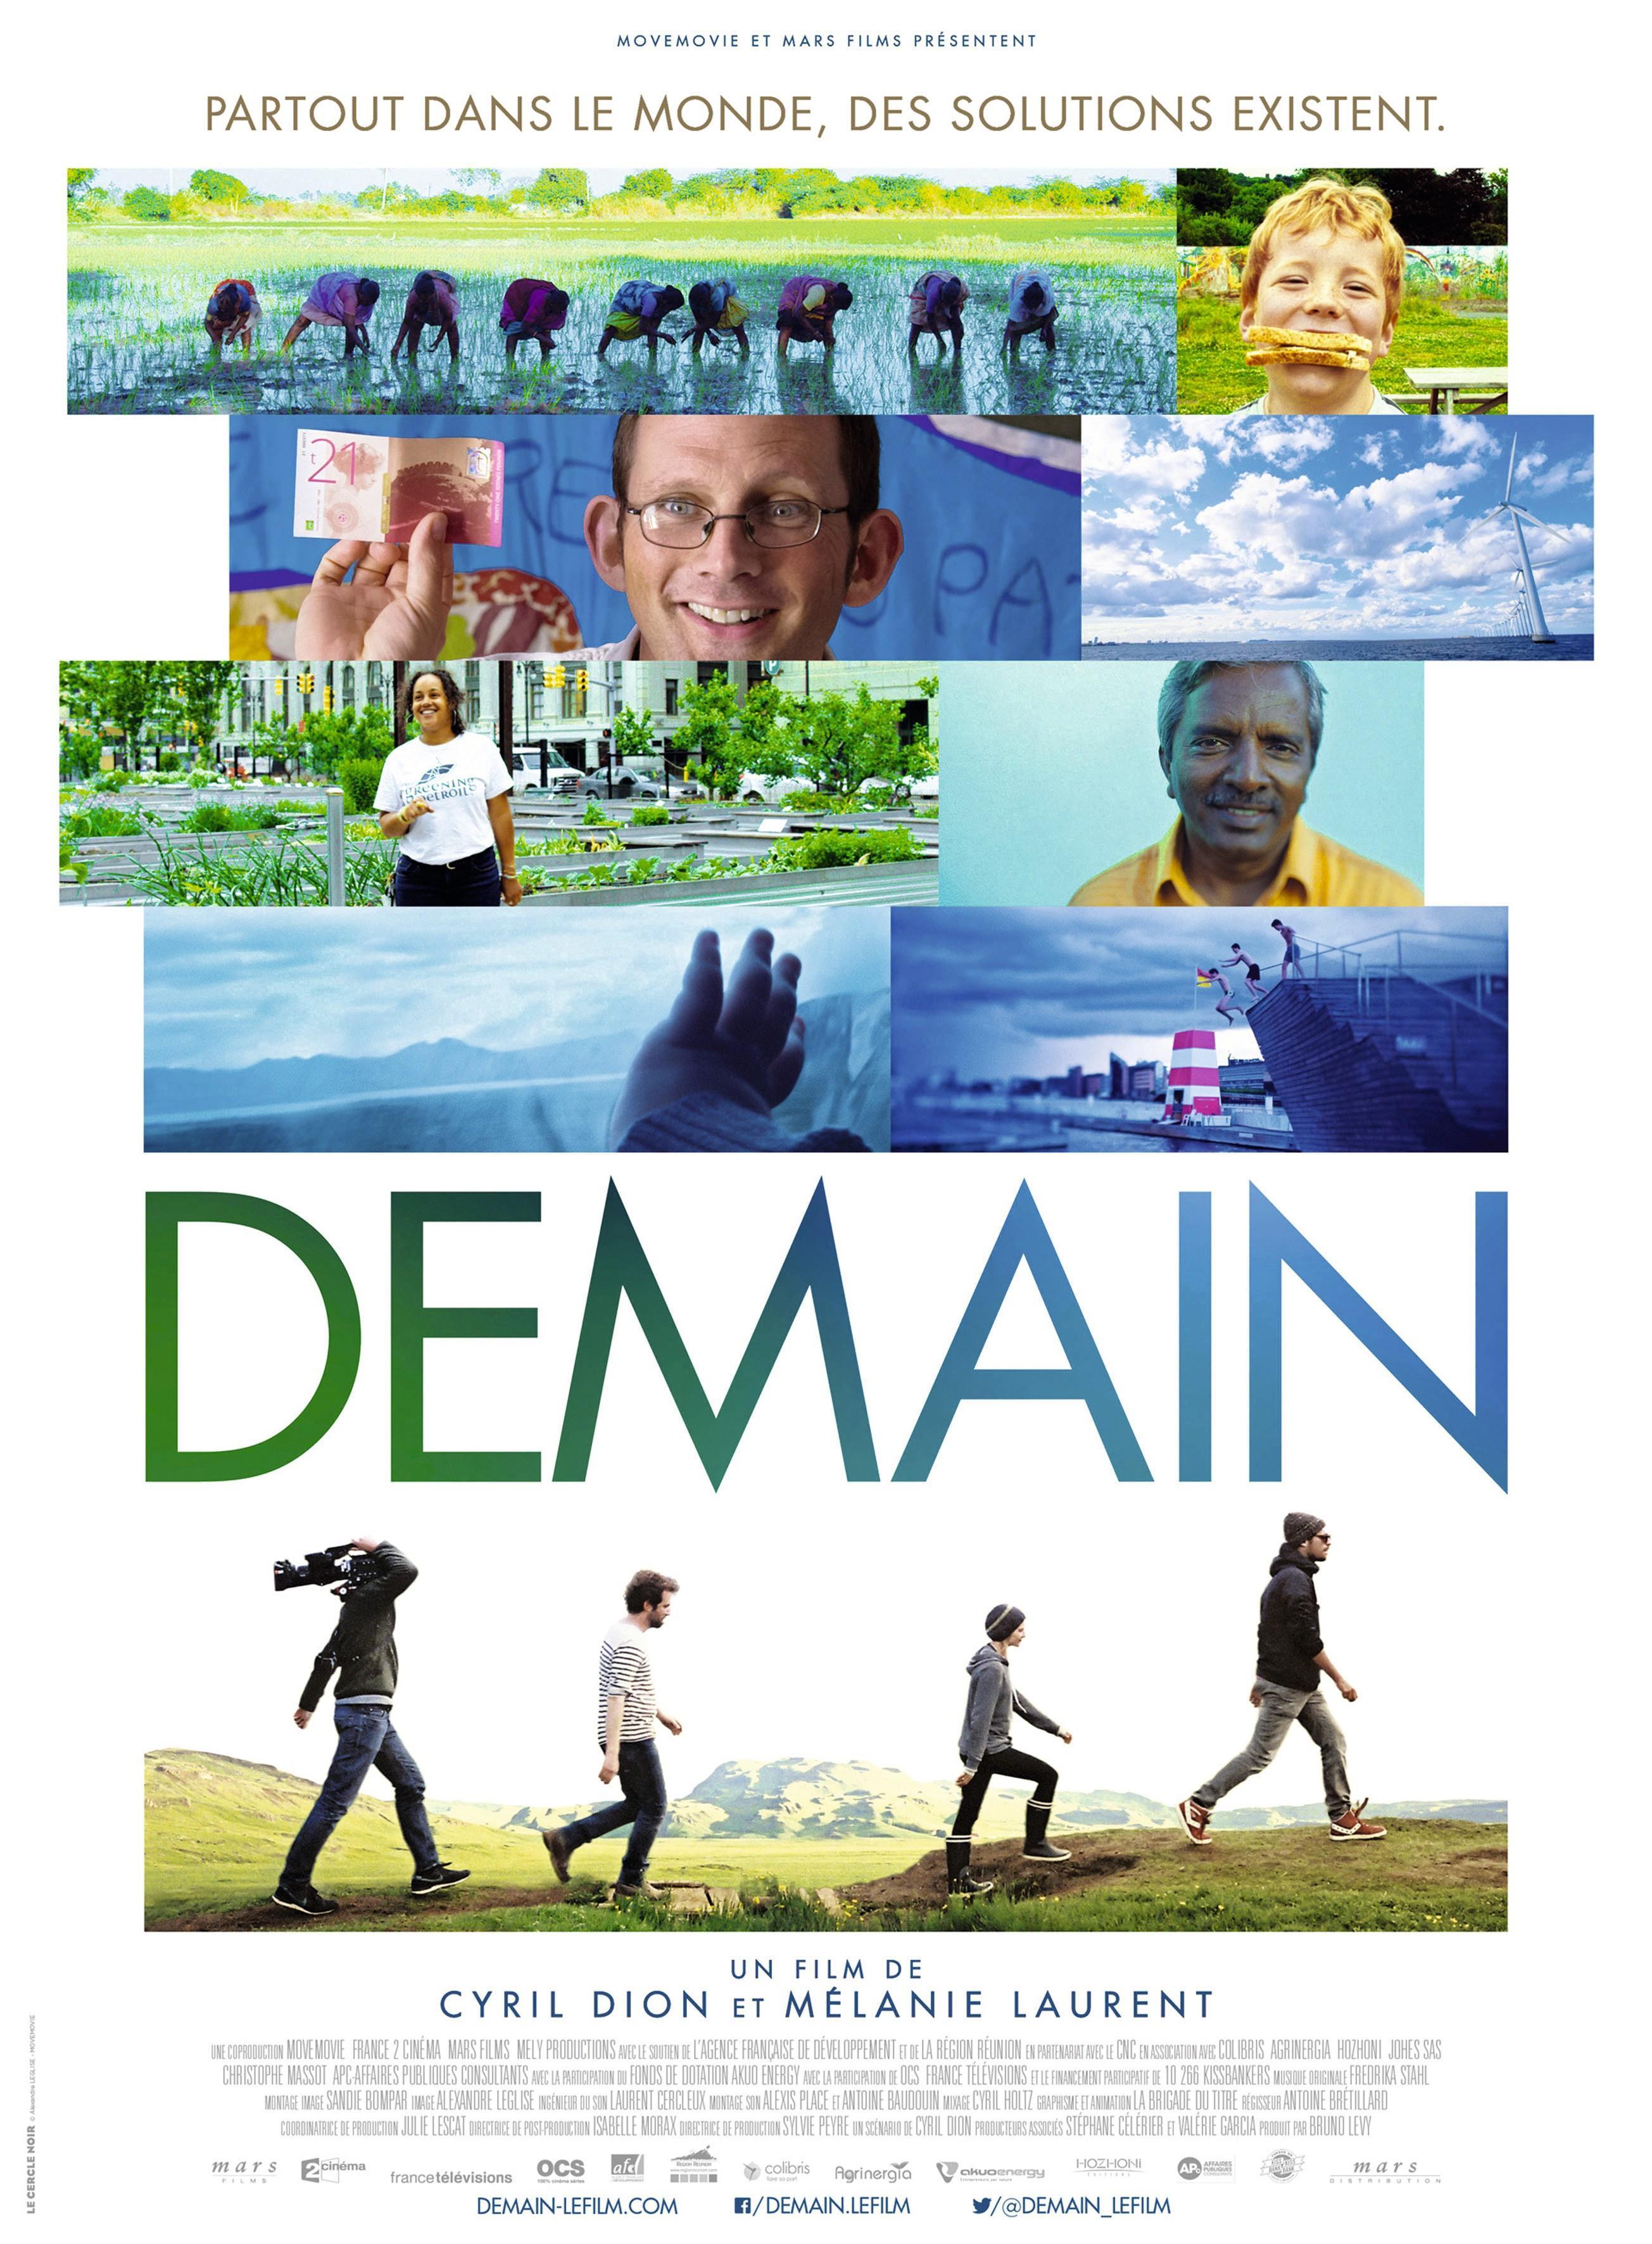 Affiche du film Demain, de Cyril Dion et Mélanie Laurent, 2015